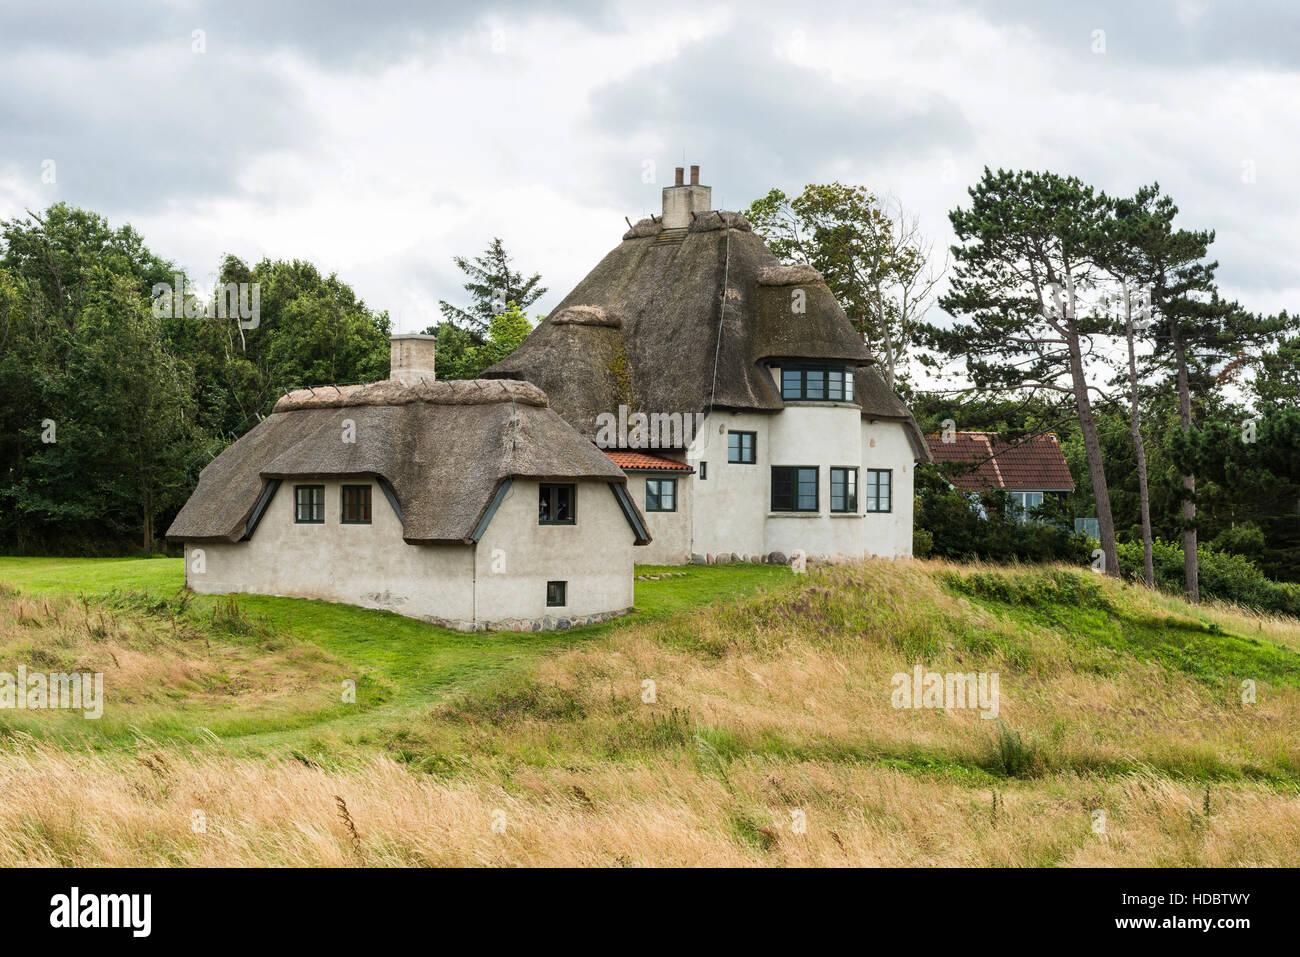 Polar explorer Knud Rasmussen's workhouse, memorial, Hundested, Capital Region of Denmark, Denmark - Stock Image